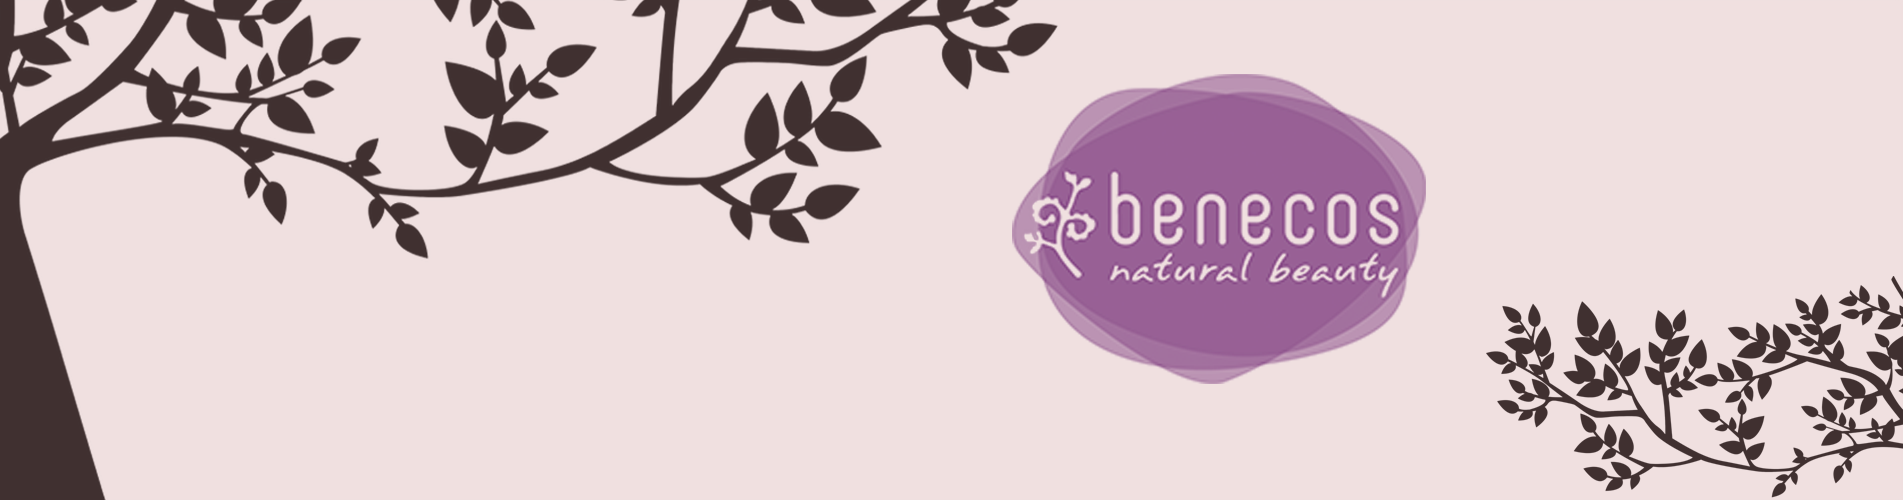 Toda la gama en cosmética y cuidado personal ecológico Benecos